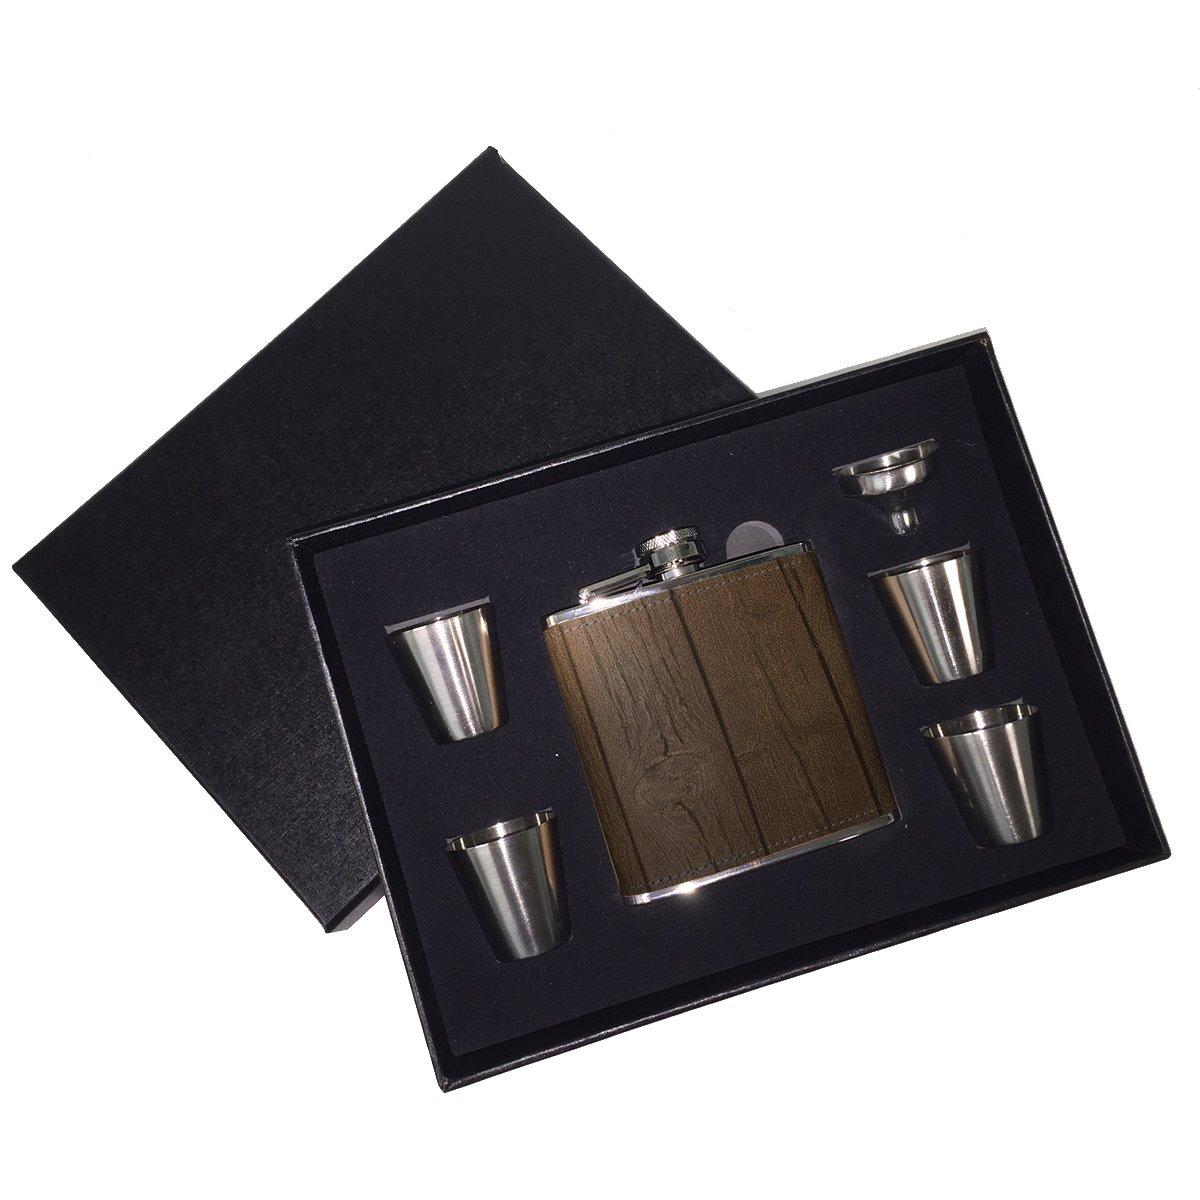 最終値下げ グレー木製 – B01J18CPPY – レザーフラスコギフトセット B01J18CPPY, イナシ:74dc7701 --- a0267596.xsph.ru